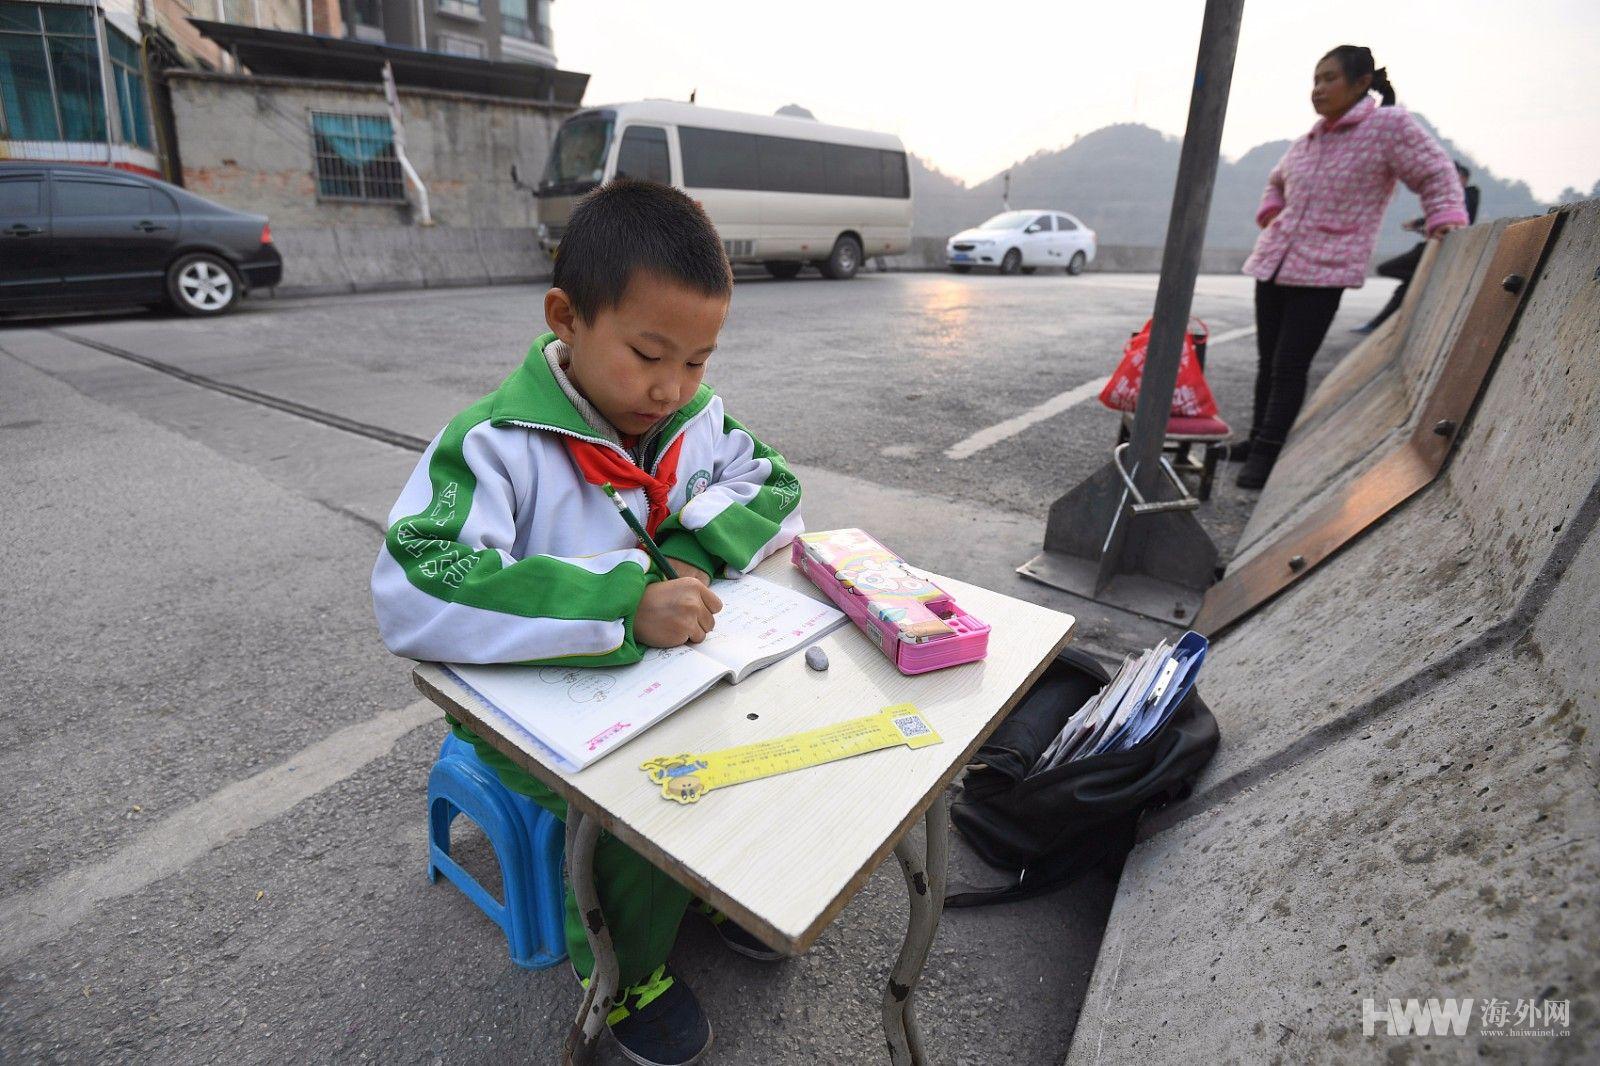 8岁男孩高架桥上写作业 新年渴望有盏台灯